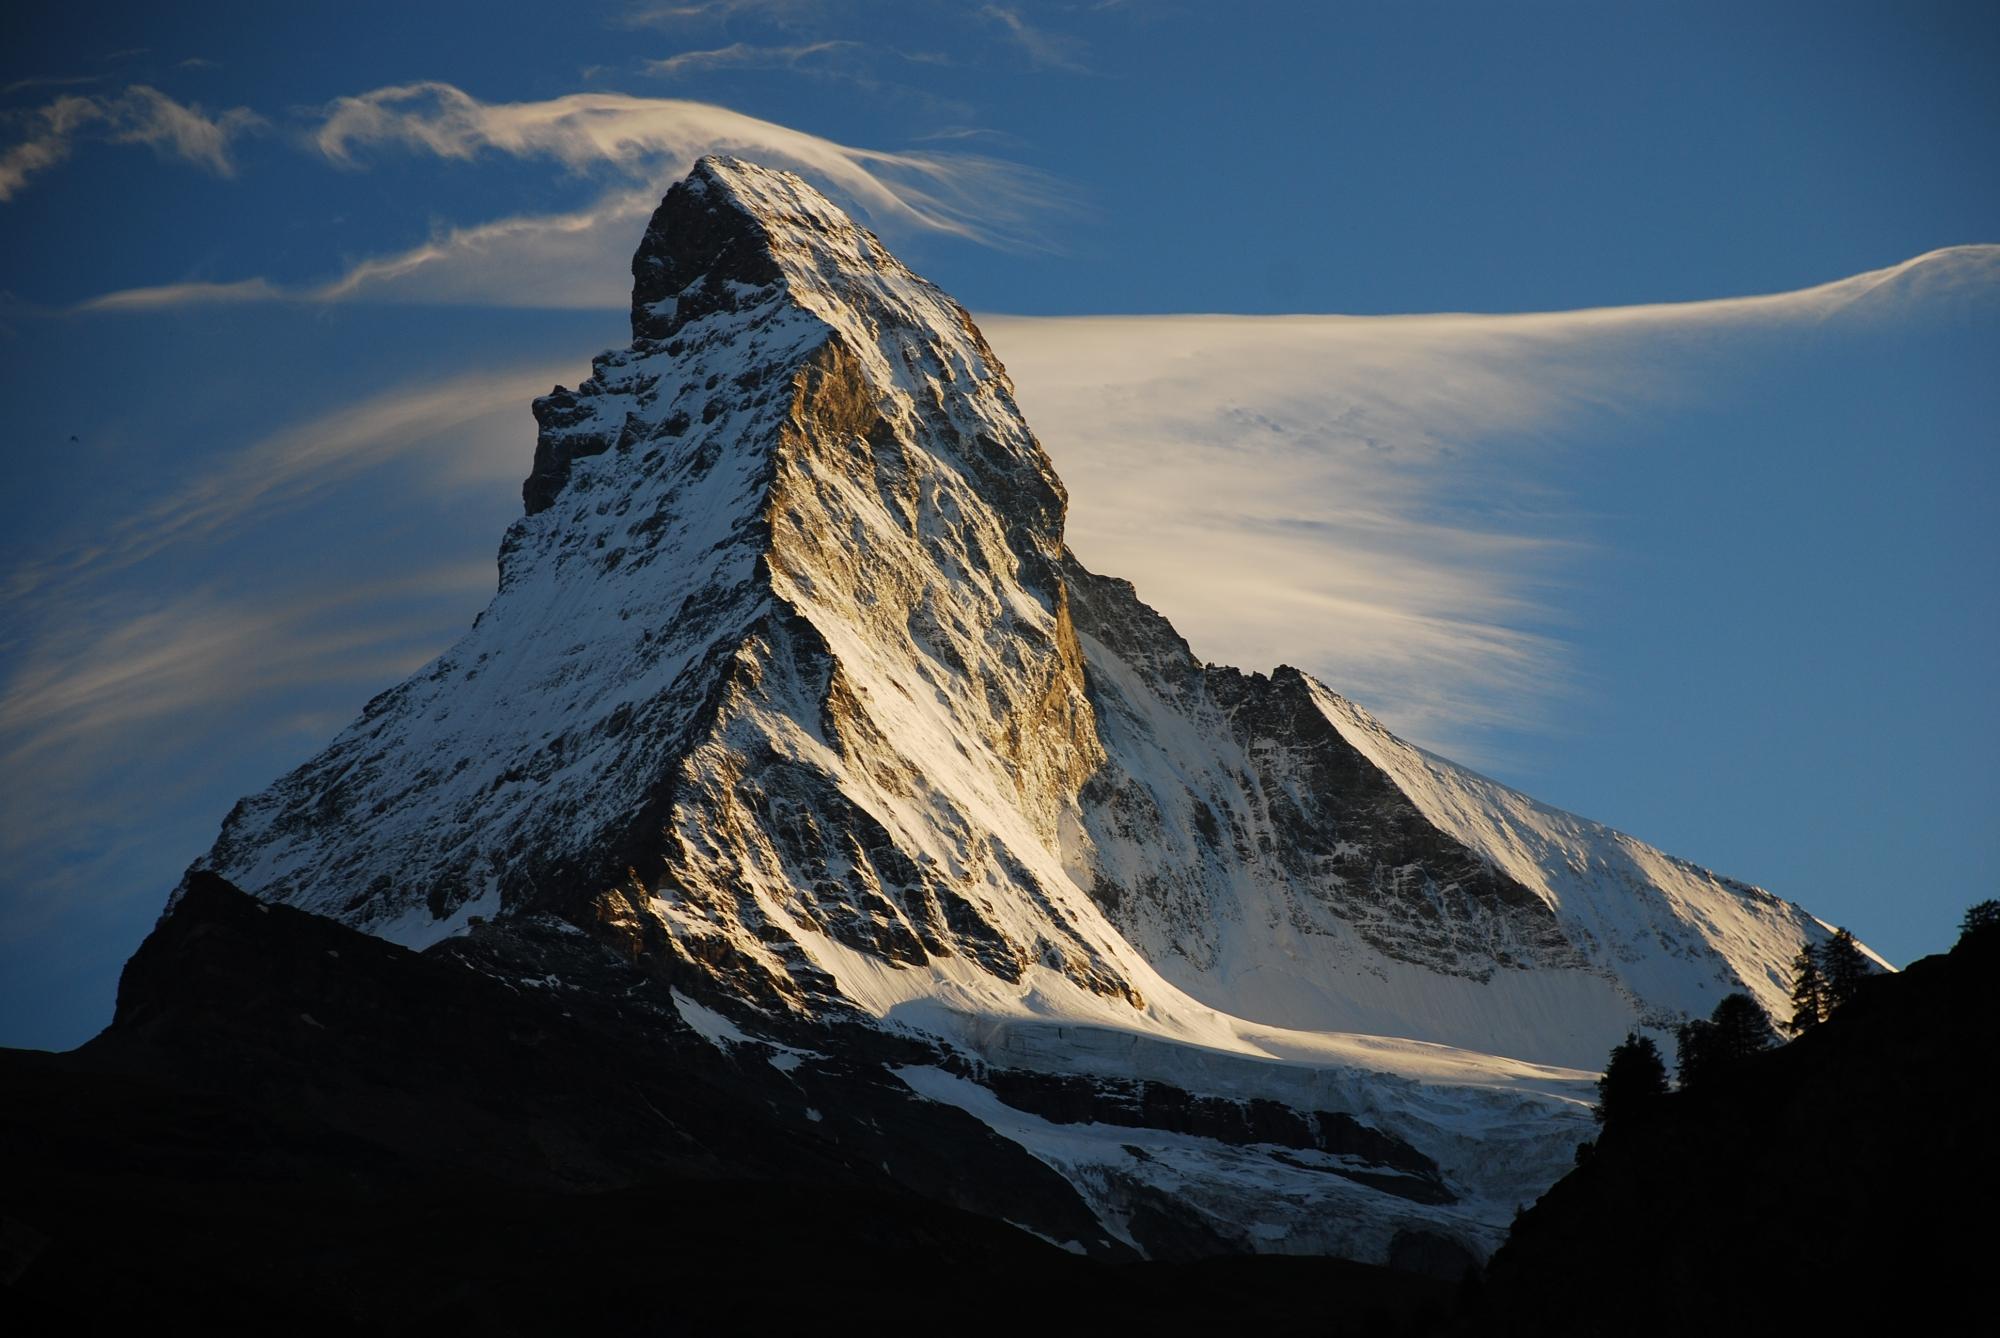 истории фотографии горных вершин принимают верошпирон для